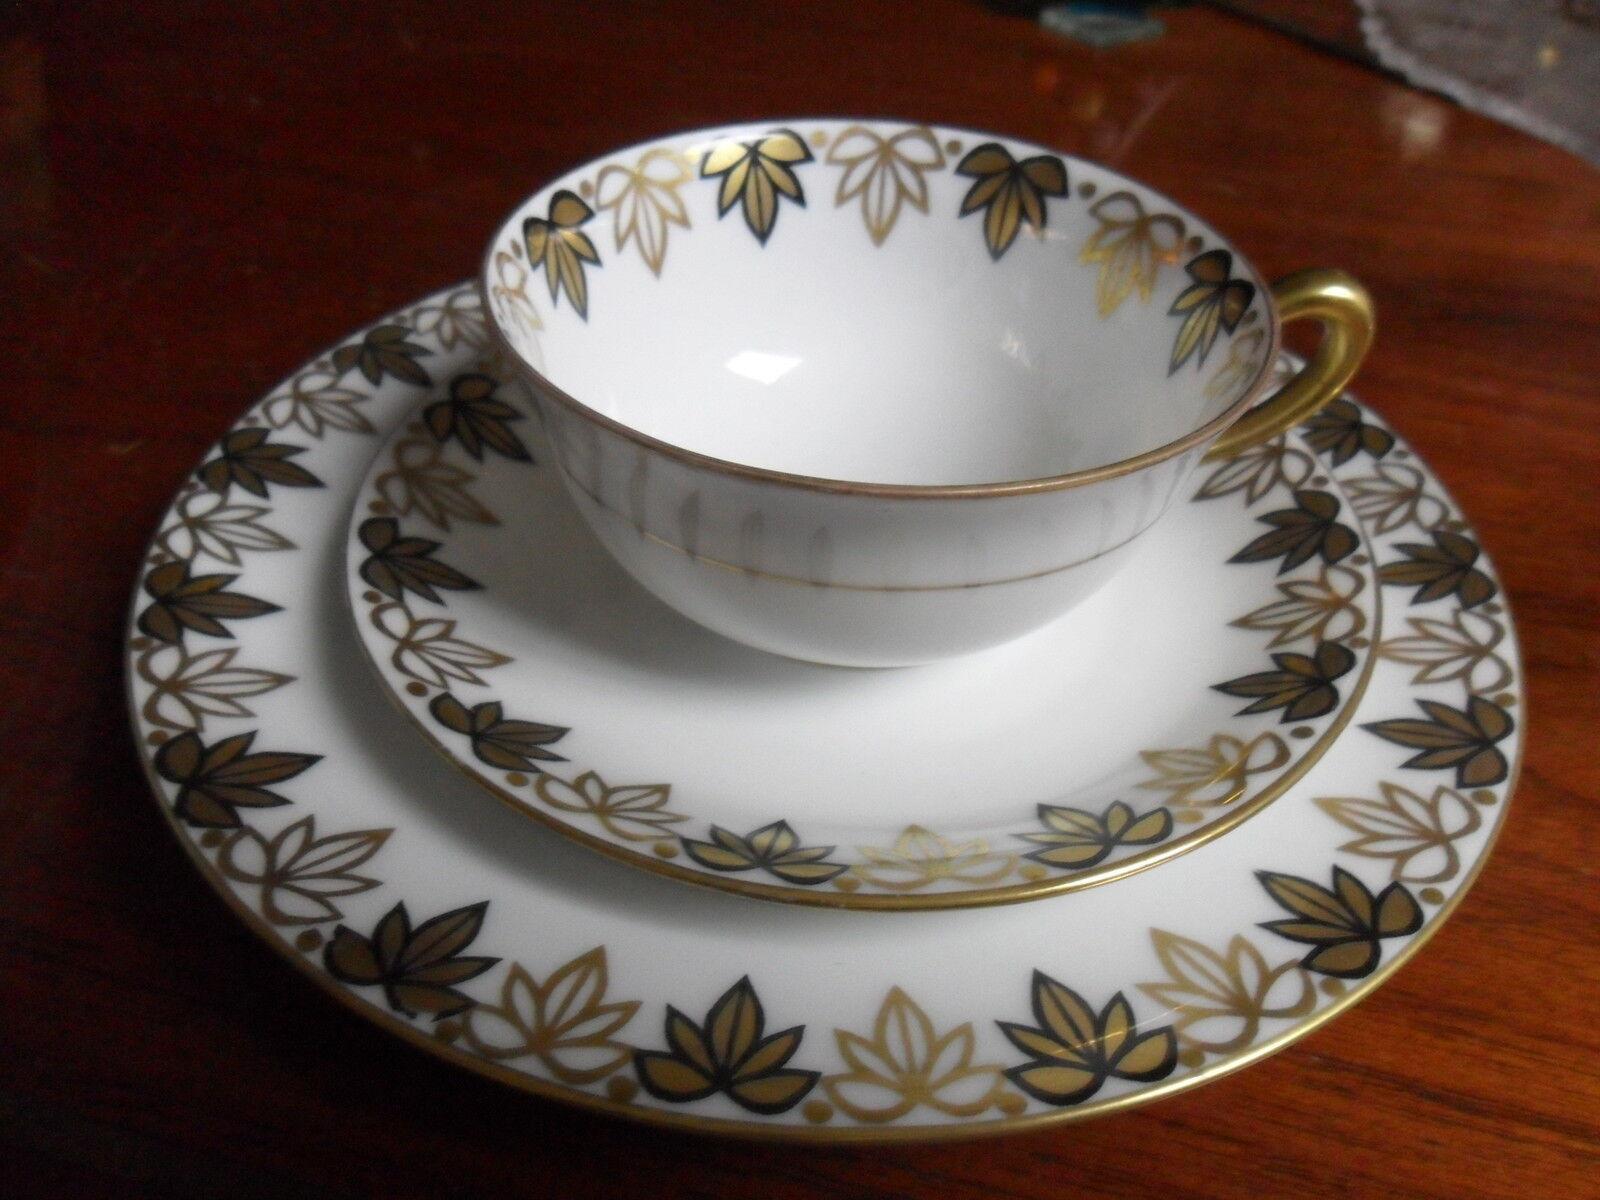 reinhold schlegelmilch r s tillowitz trio cup saucer plate epos